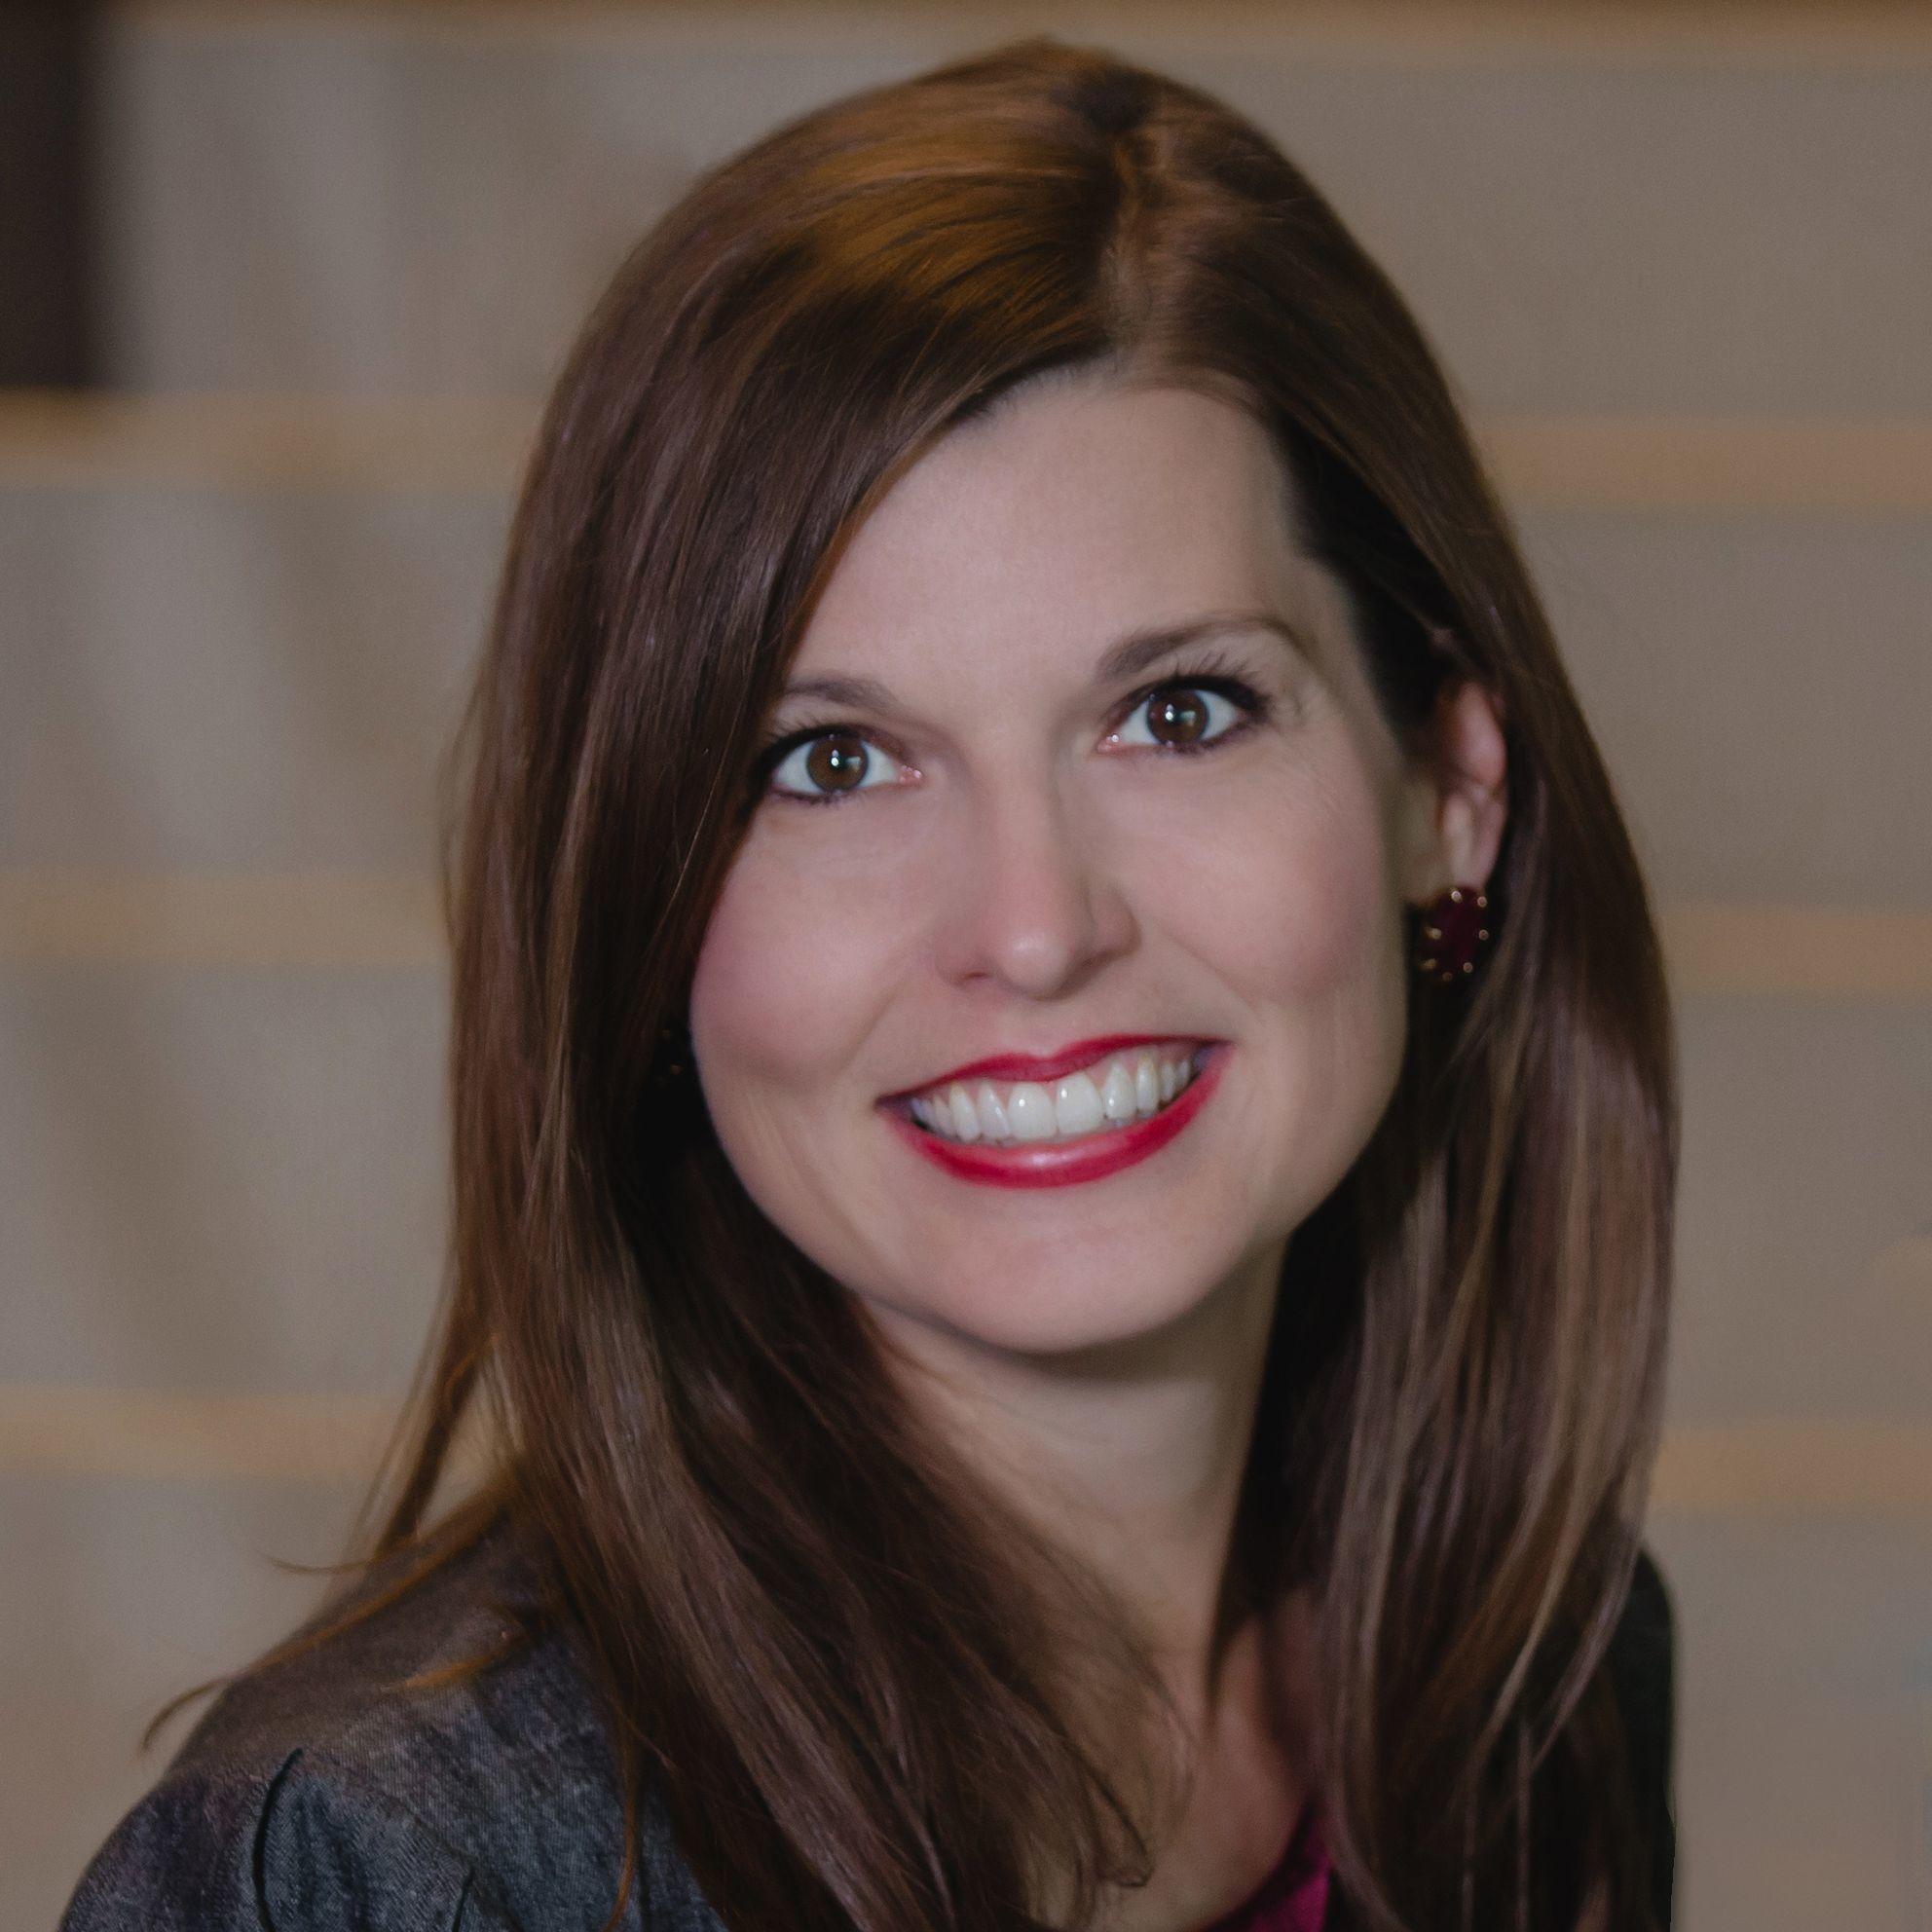 Katherine Kleemann